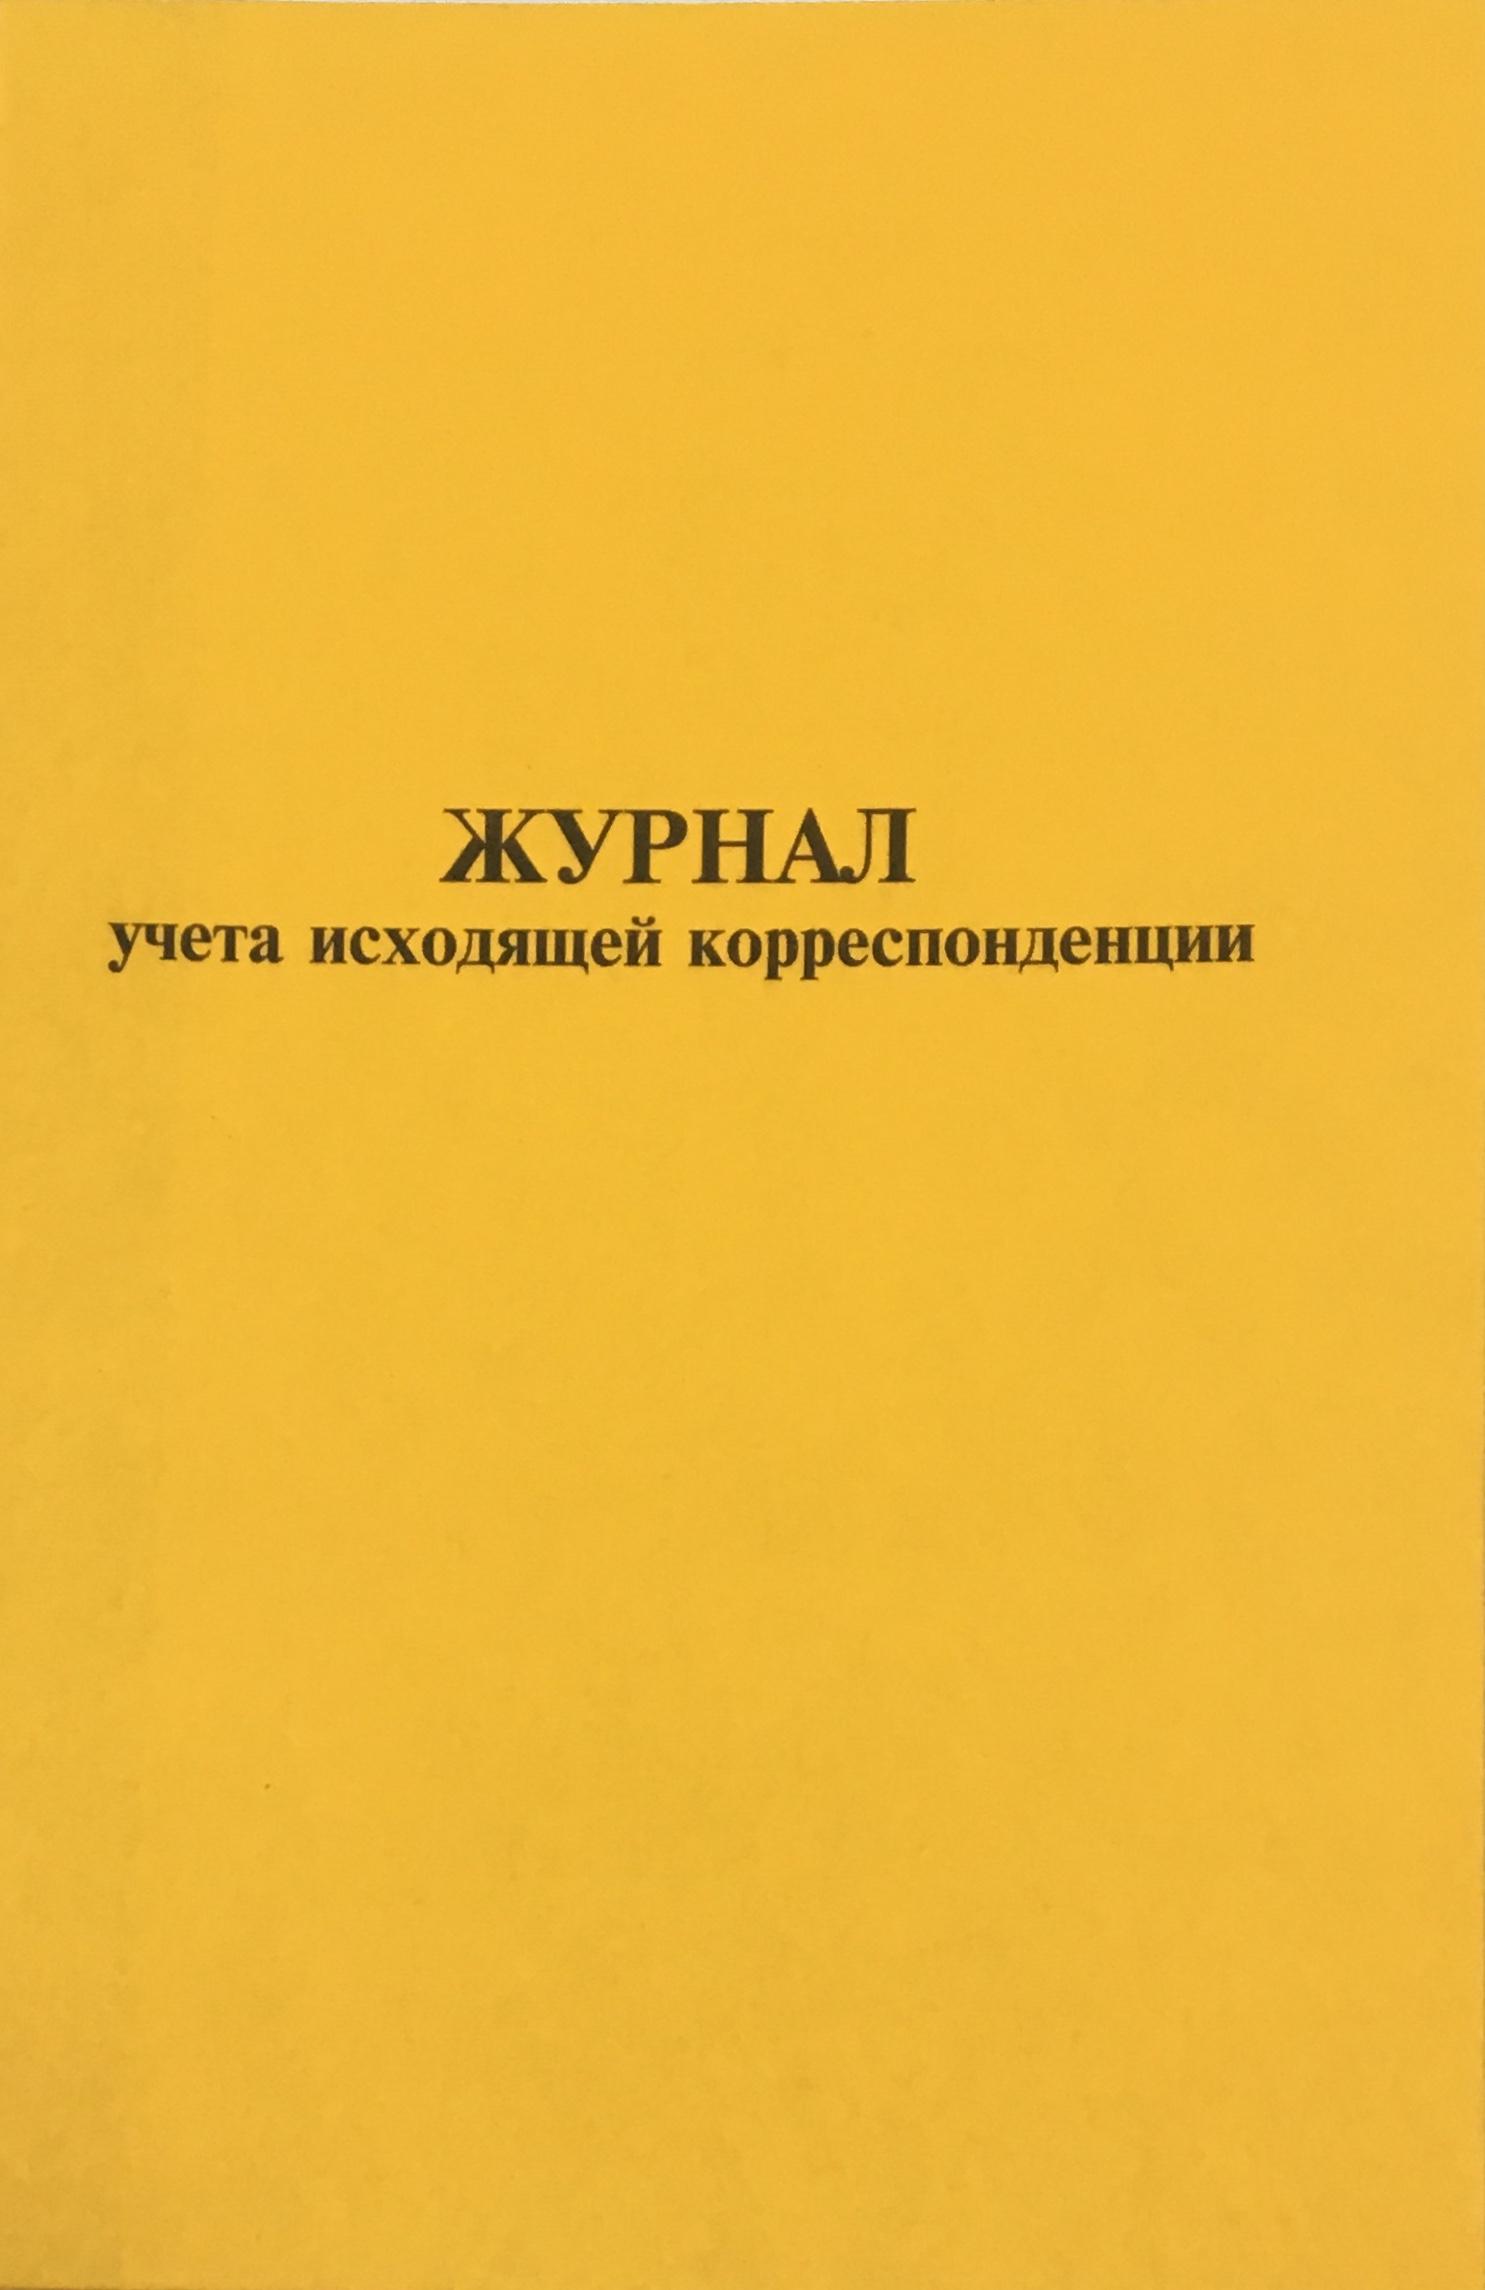 Журнал учета исходящей корреспонденции